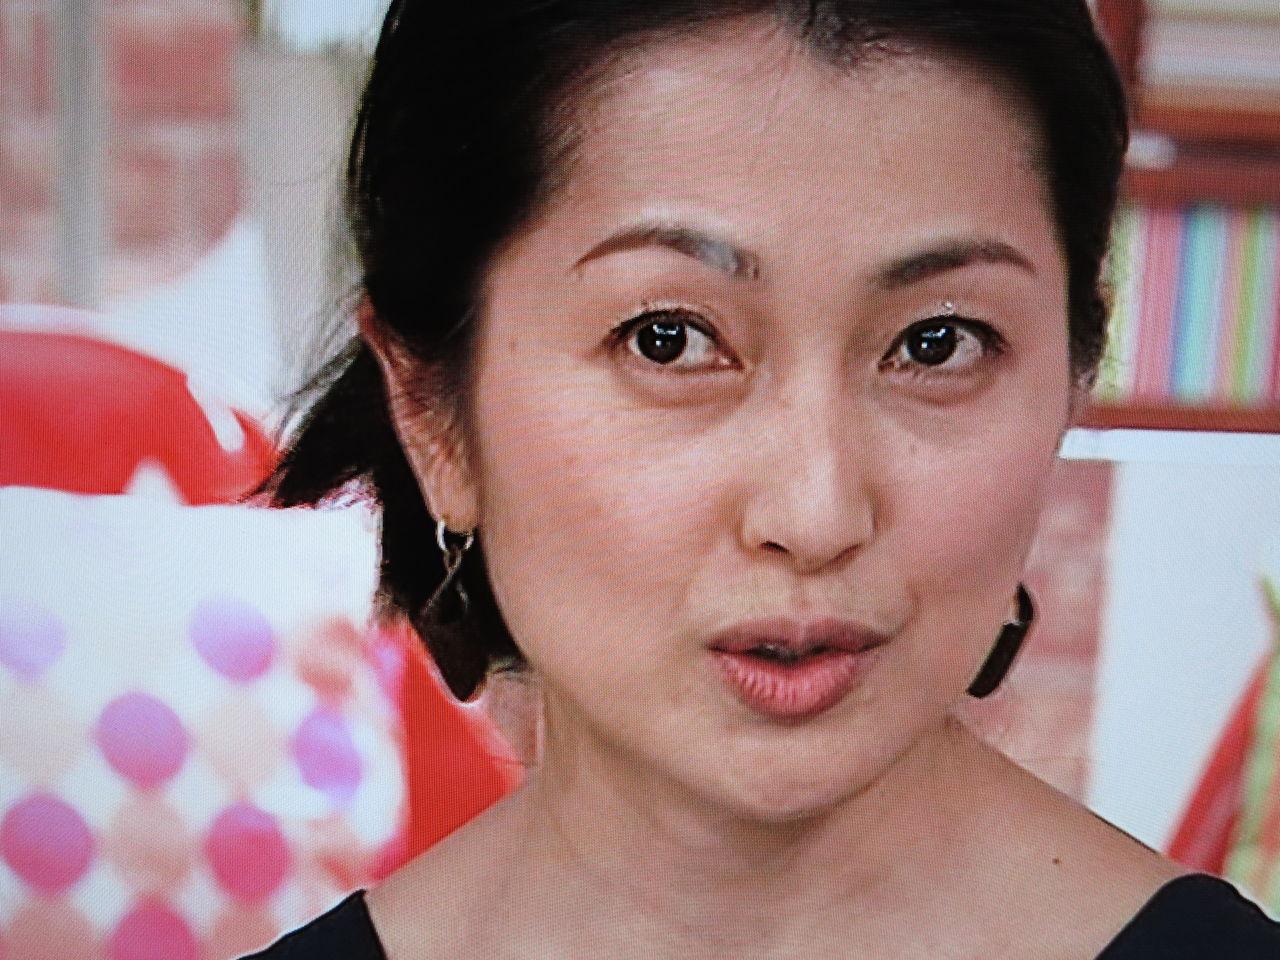 鶴田真由さんの画像その37